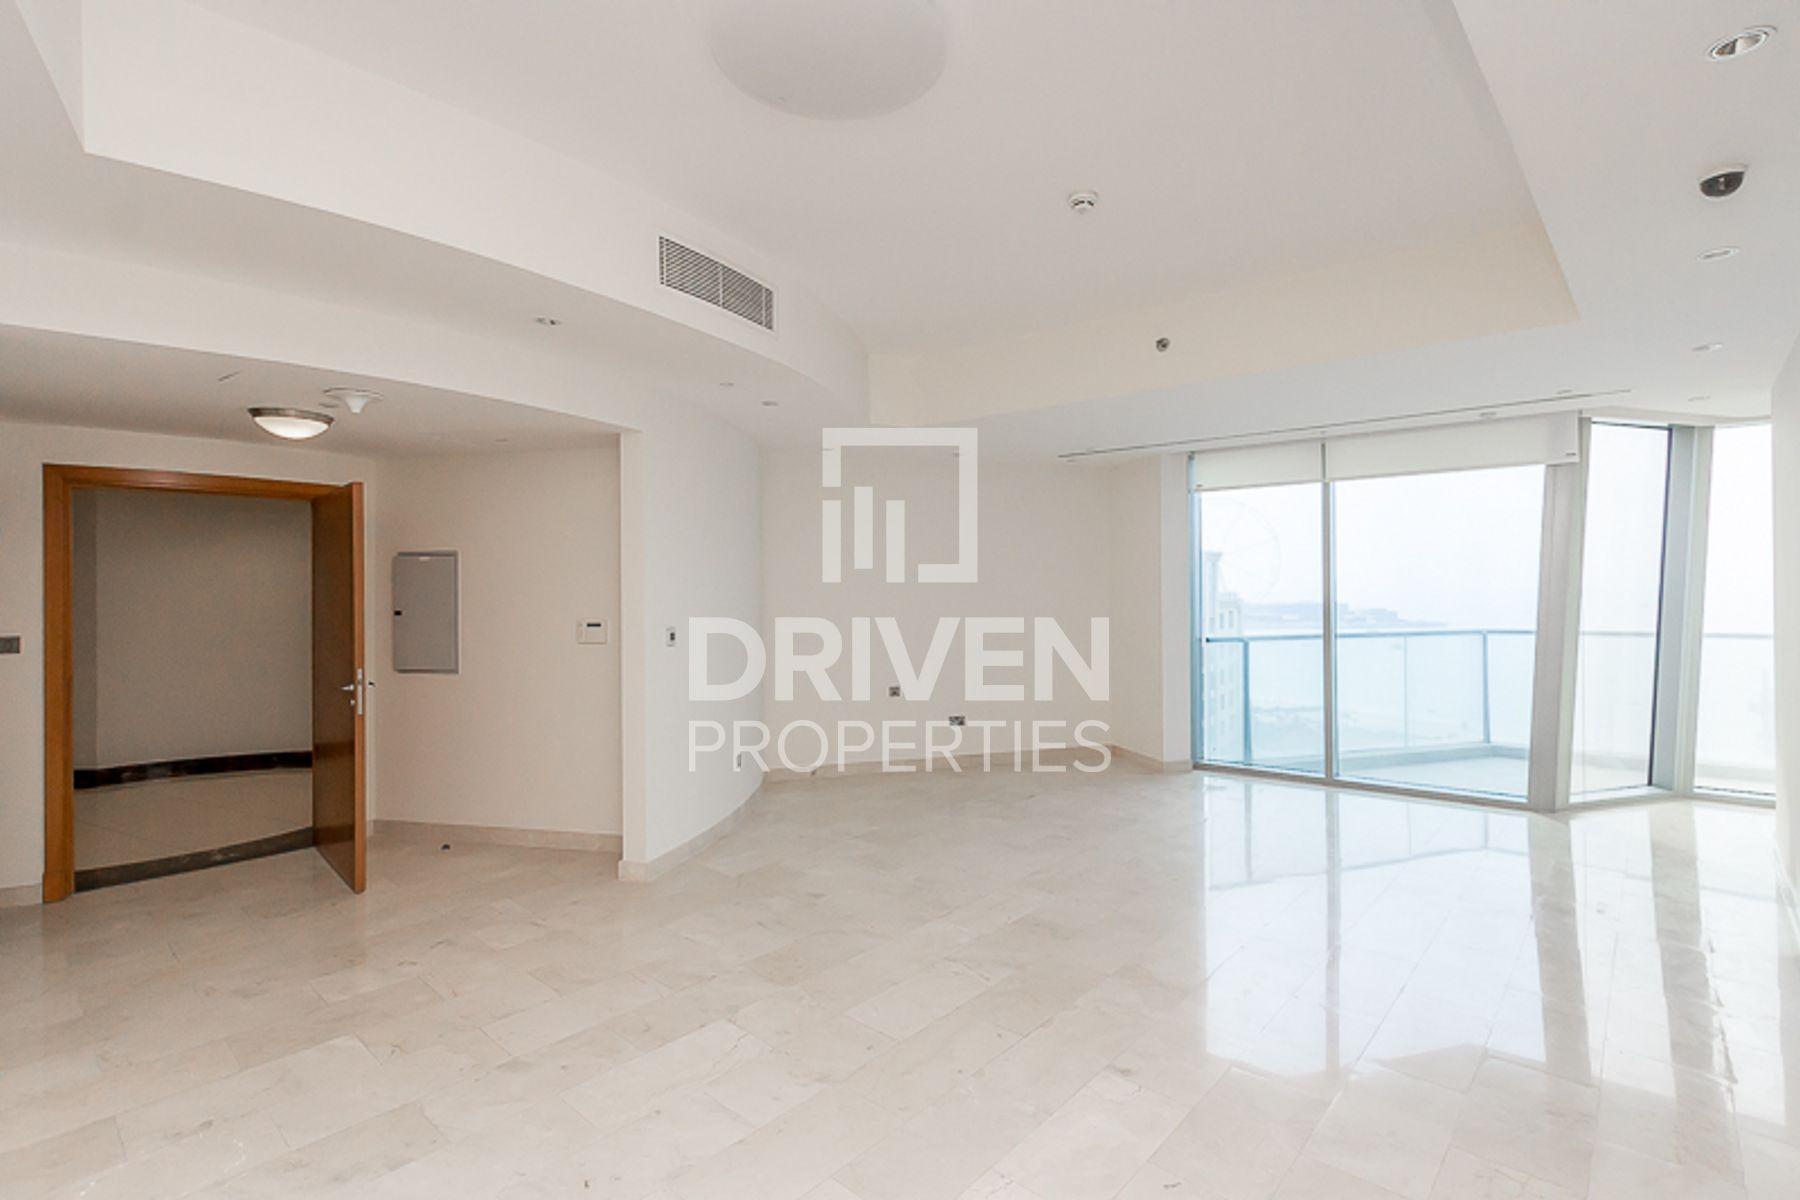 1,477 قدم مربع  شقة - للبيع - دبي مارينا